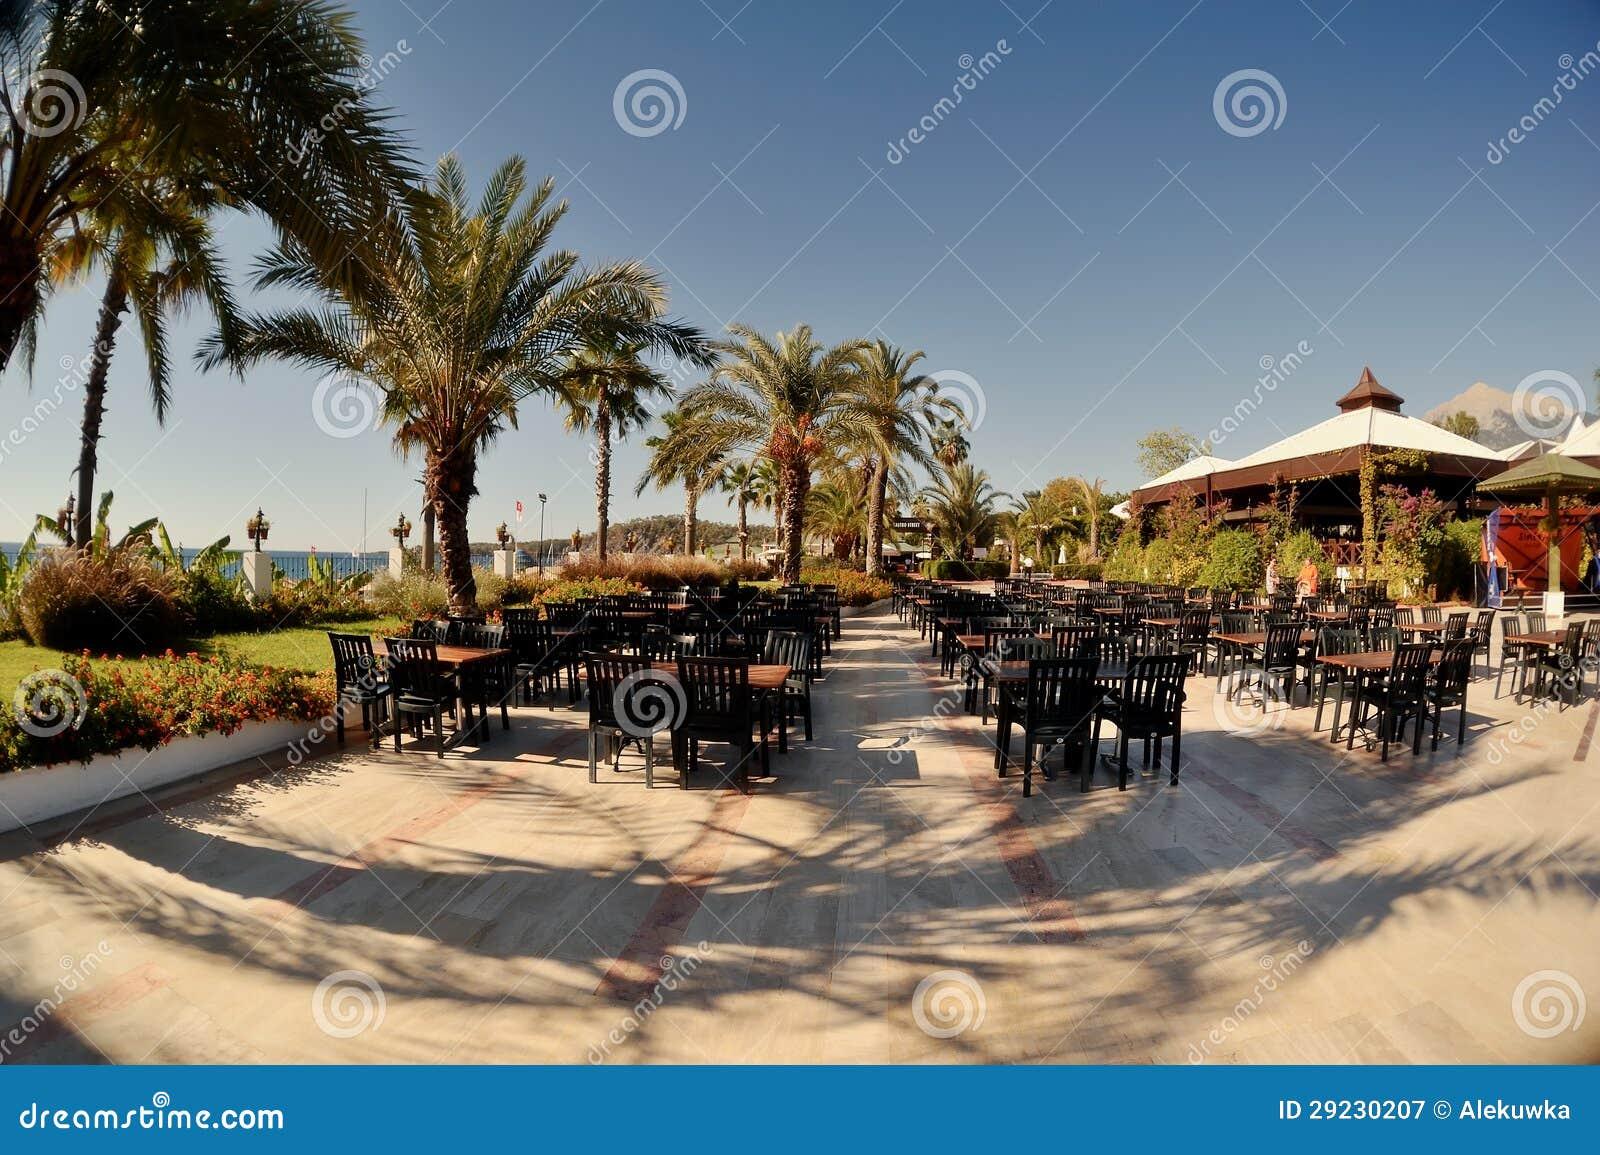 Download Café sob as palmas imagem de stock. Imagem de coco, filial - 29230207